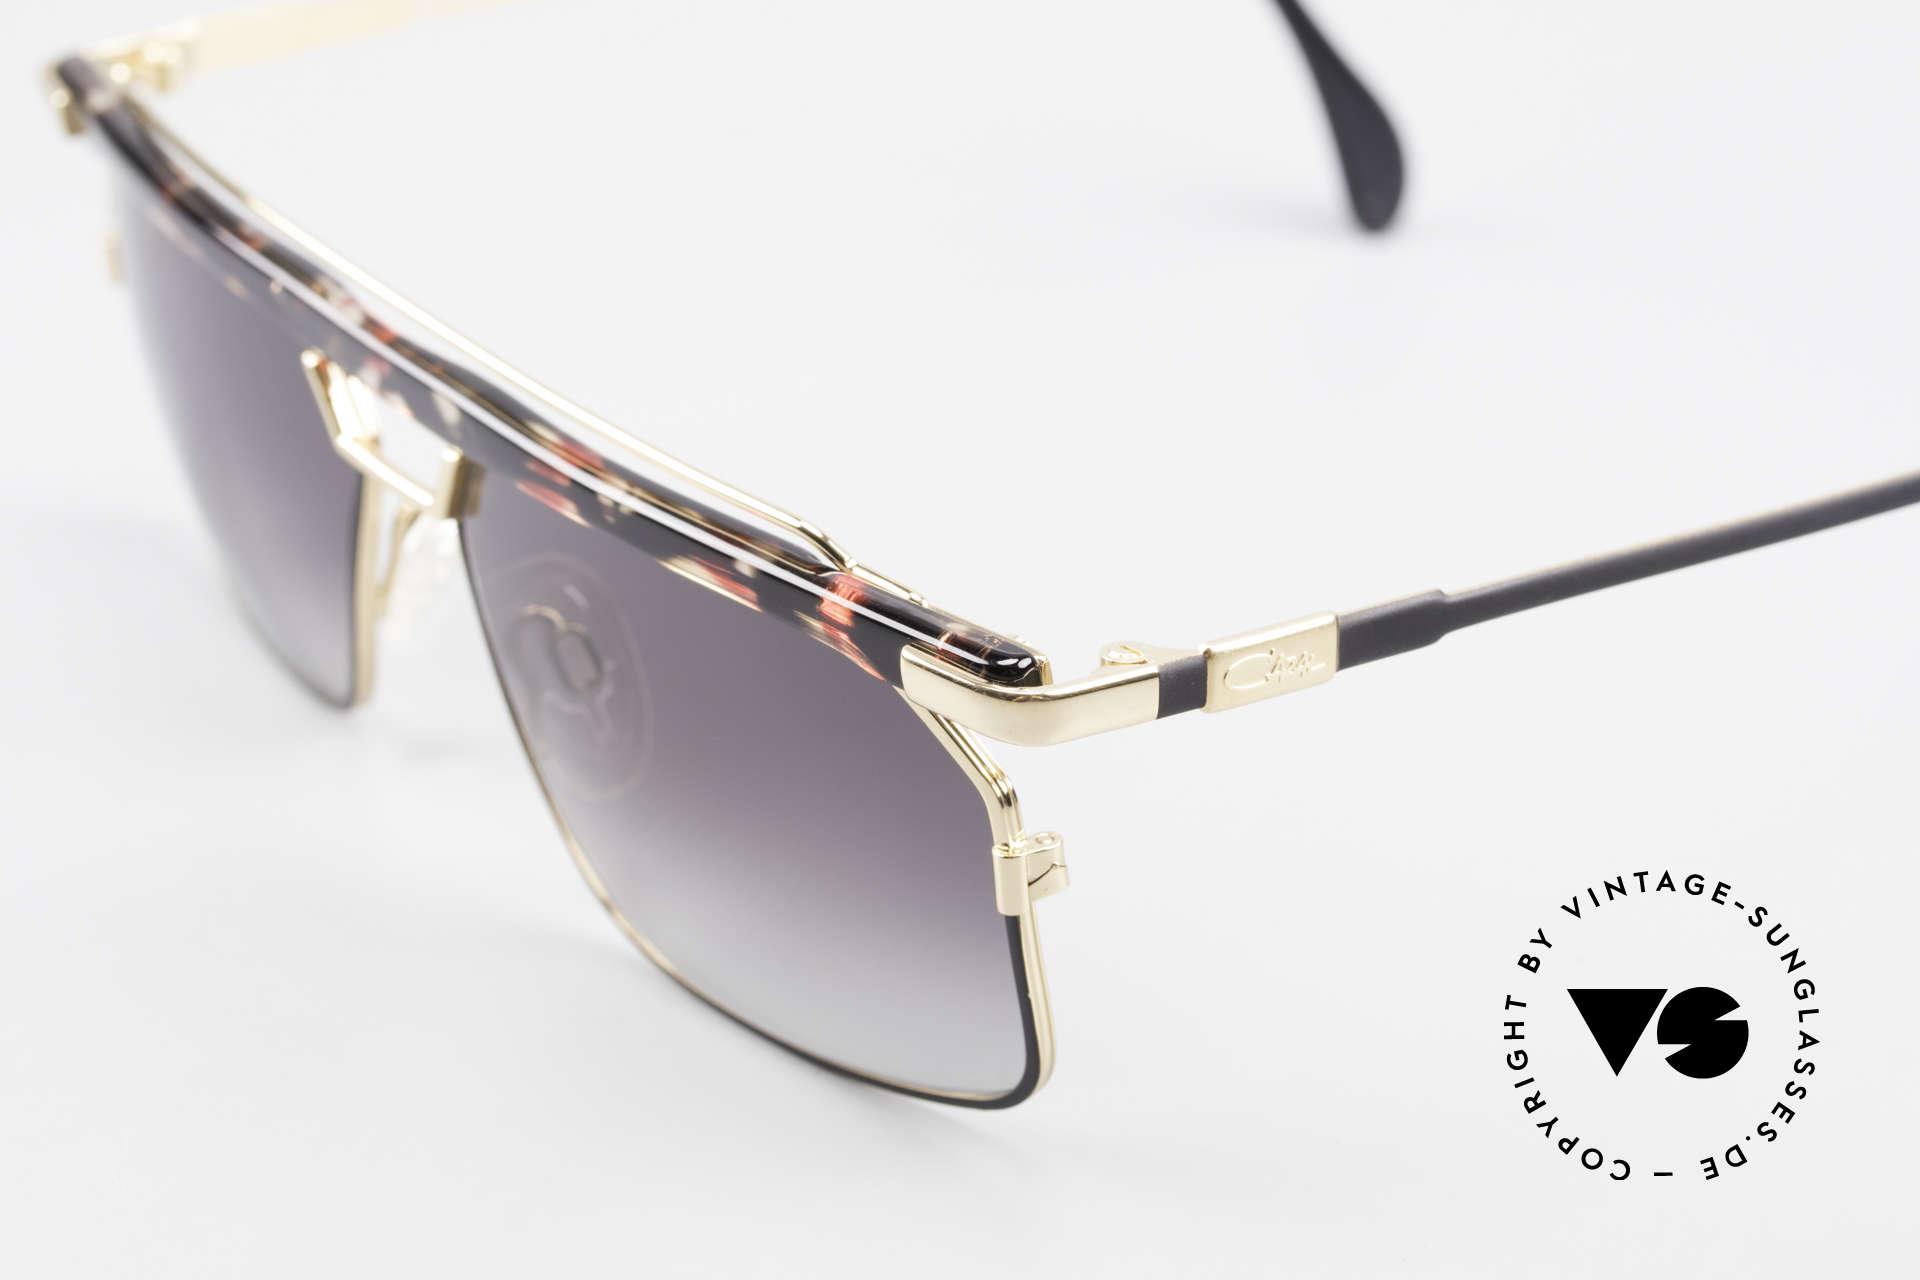 Cazal 752 Rare Vintage Sonnenbrille 90er, tolle Metallarbeiten und außergewöhnlicher Look, Passend für Herren